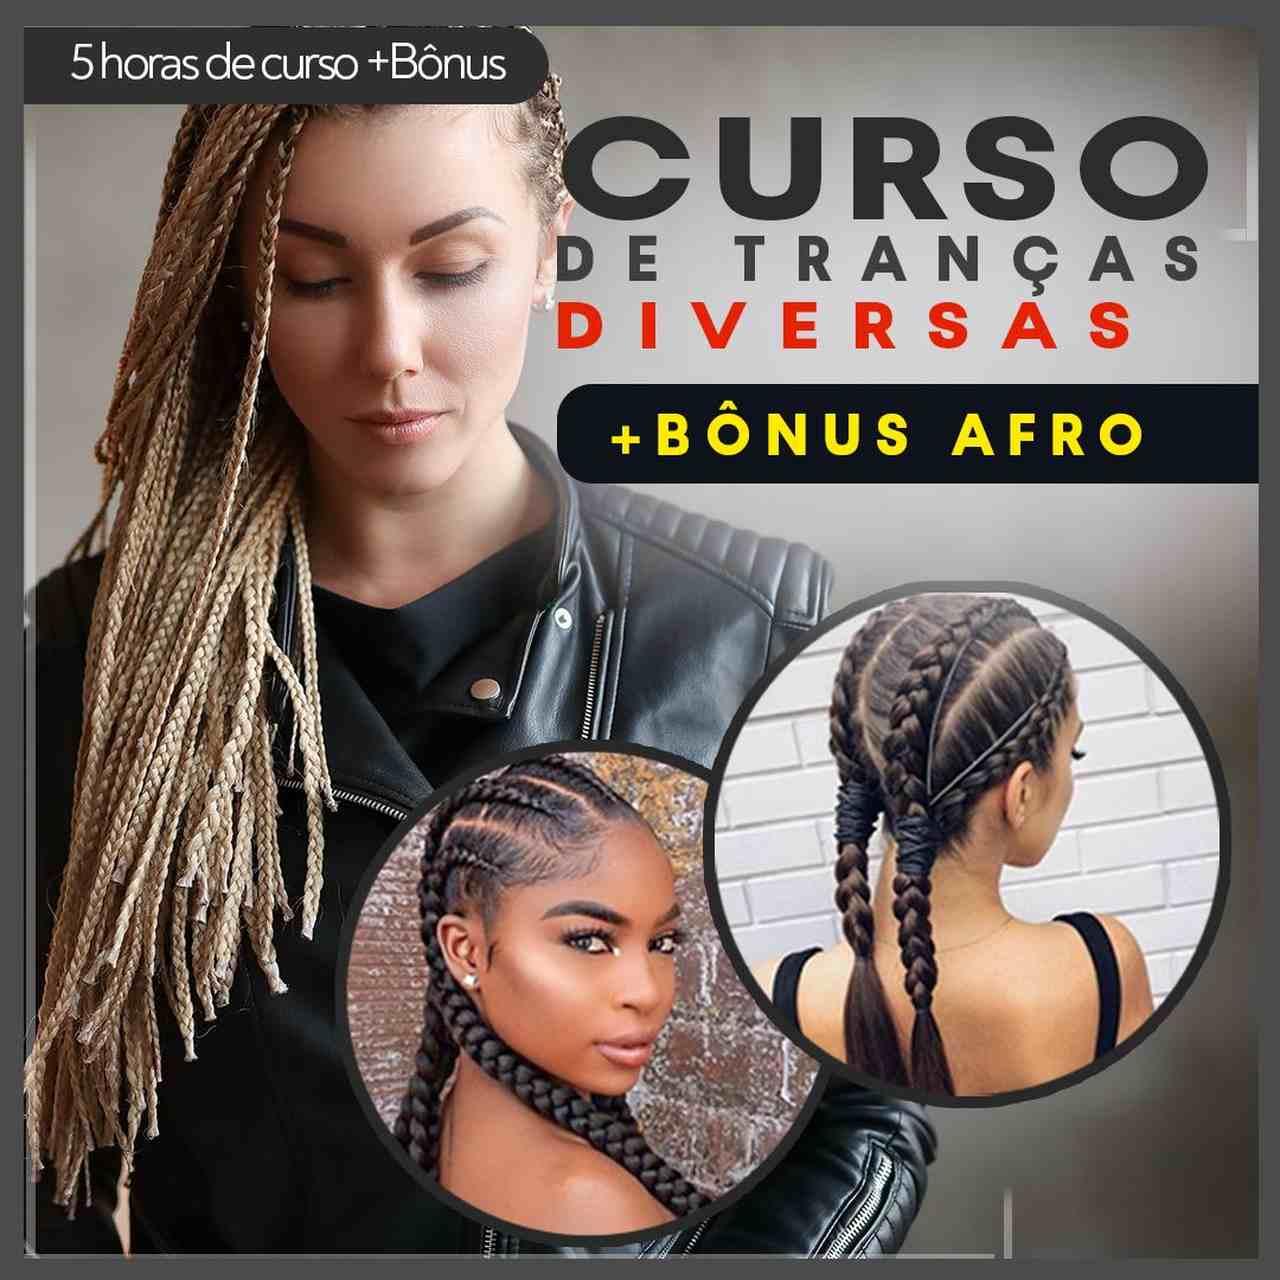 curso profissional de tranças diversas - bônus afro